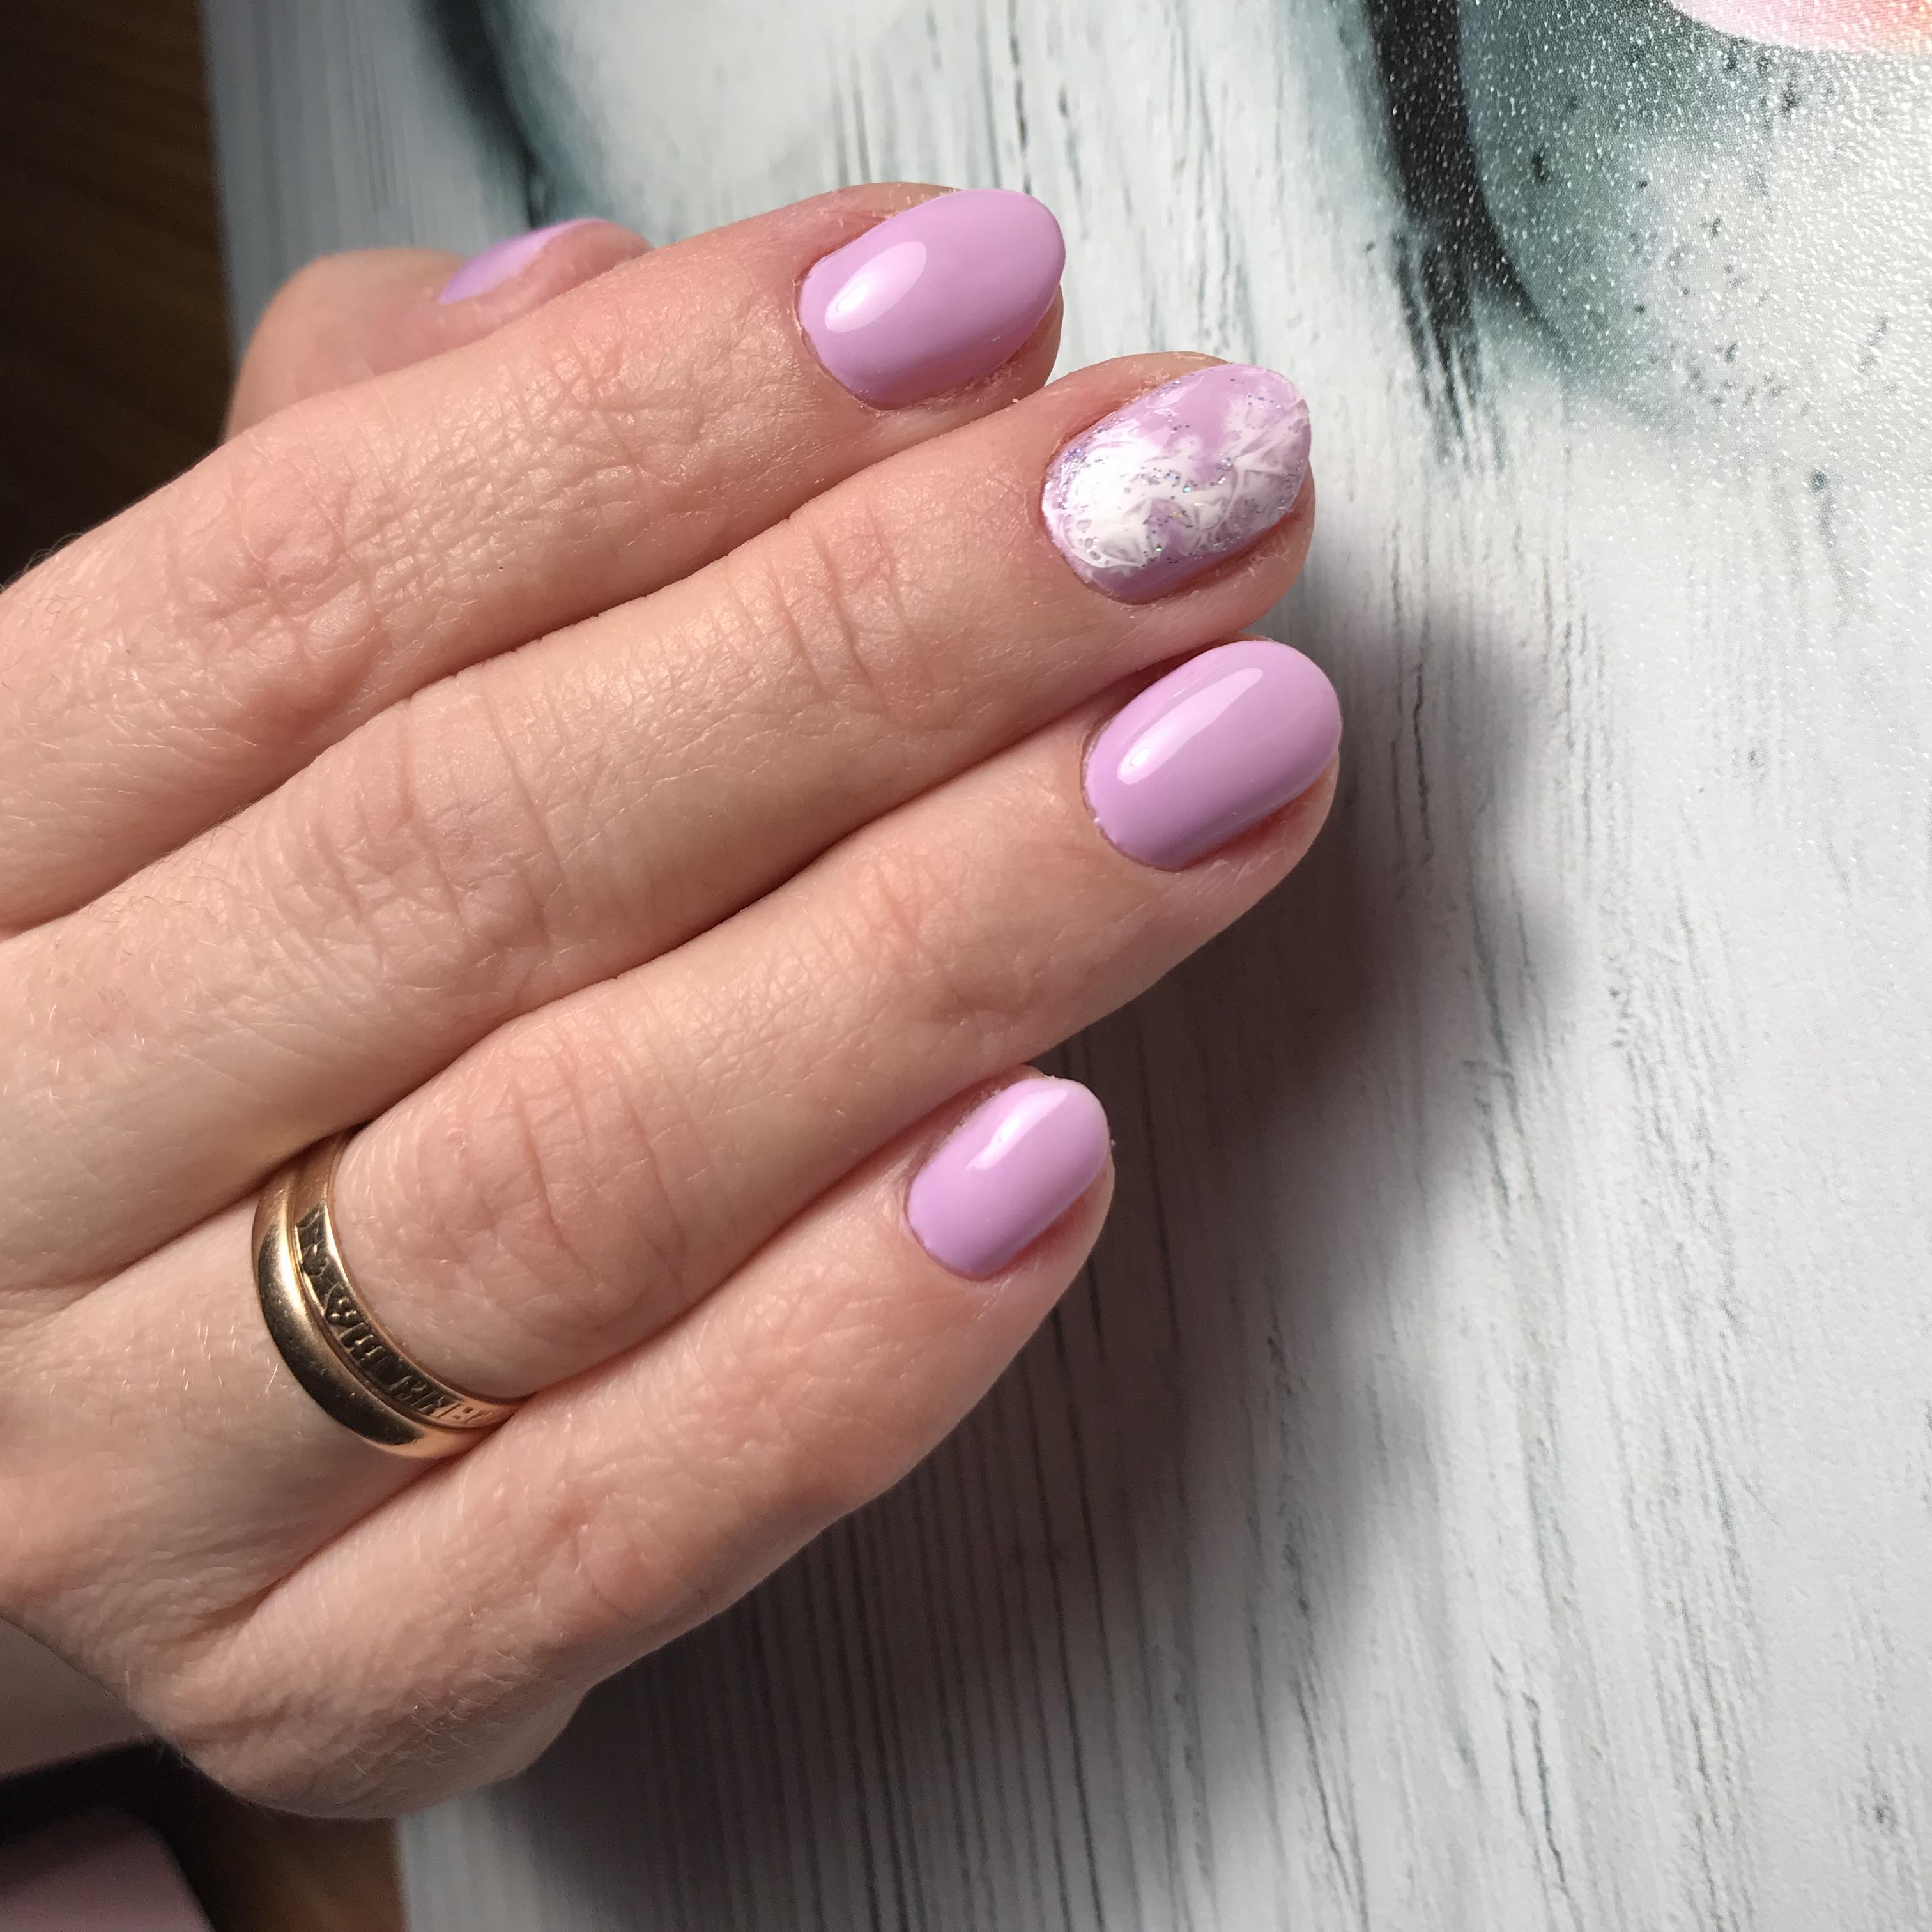 Маникюр с мраморным дизайном в лиловом цвете.